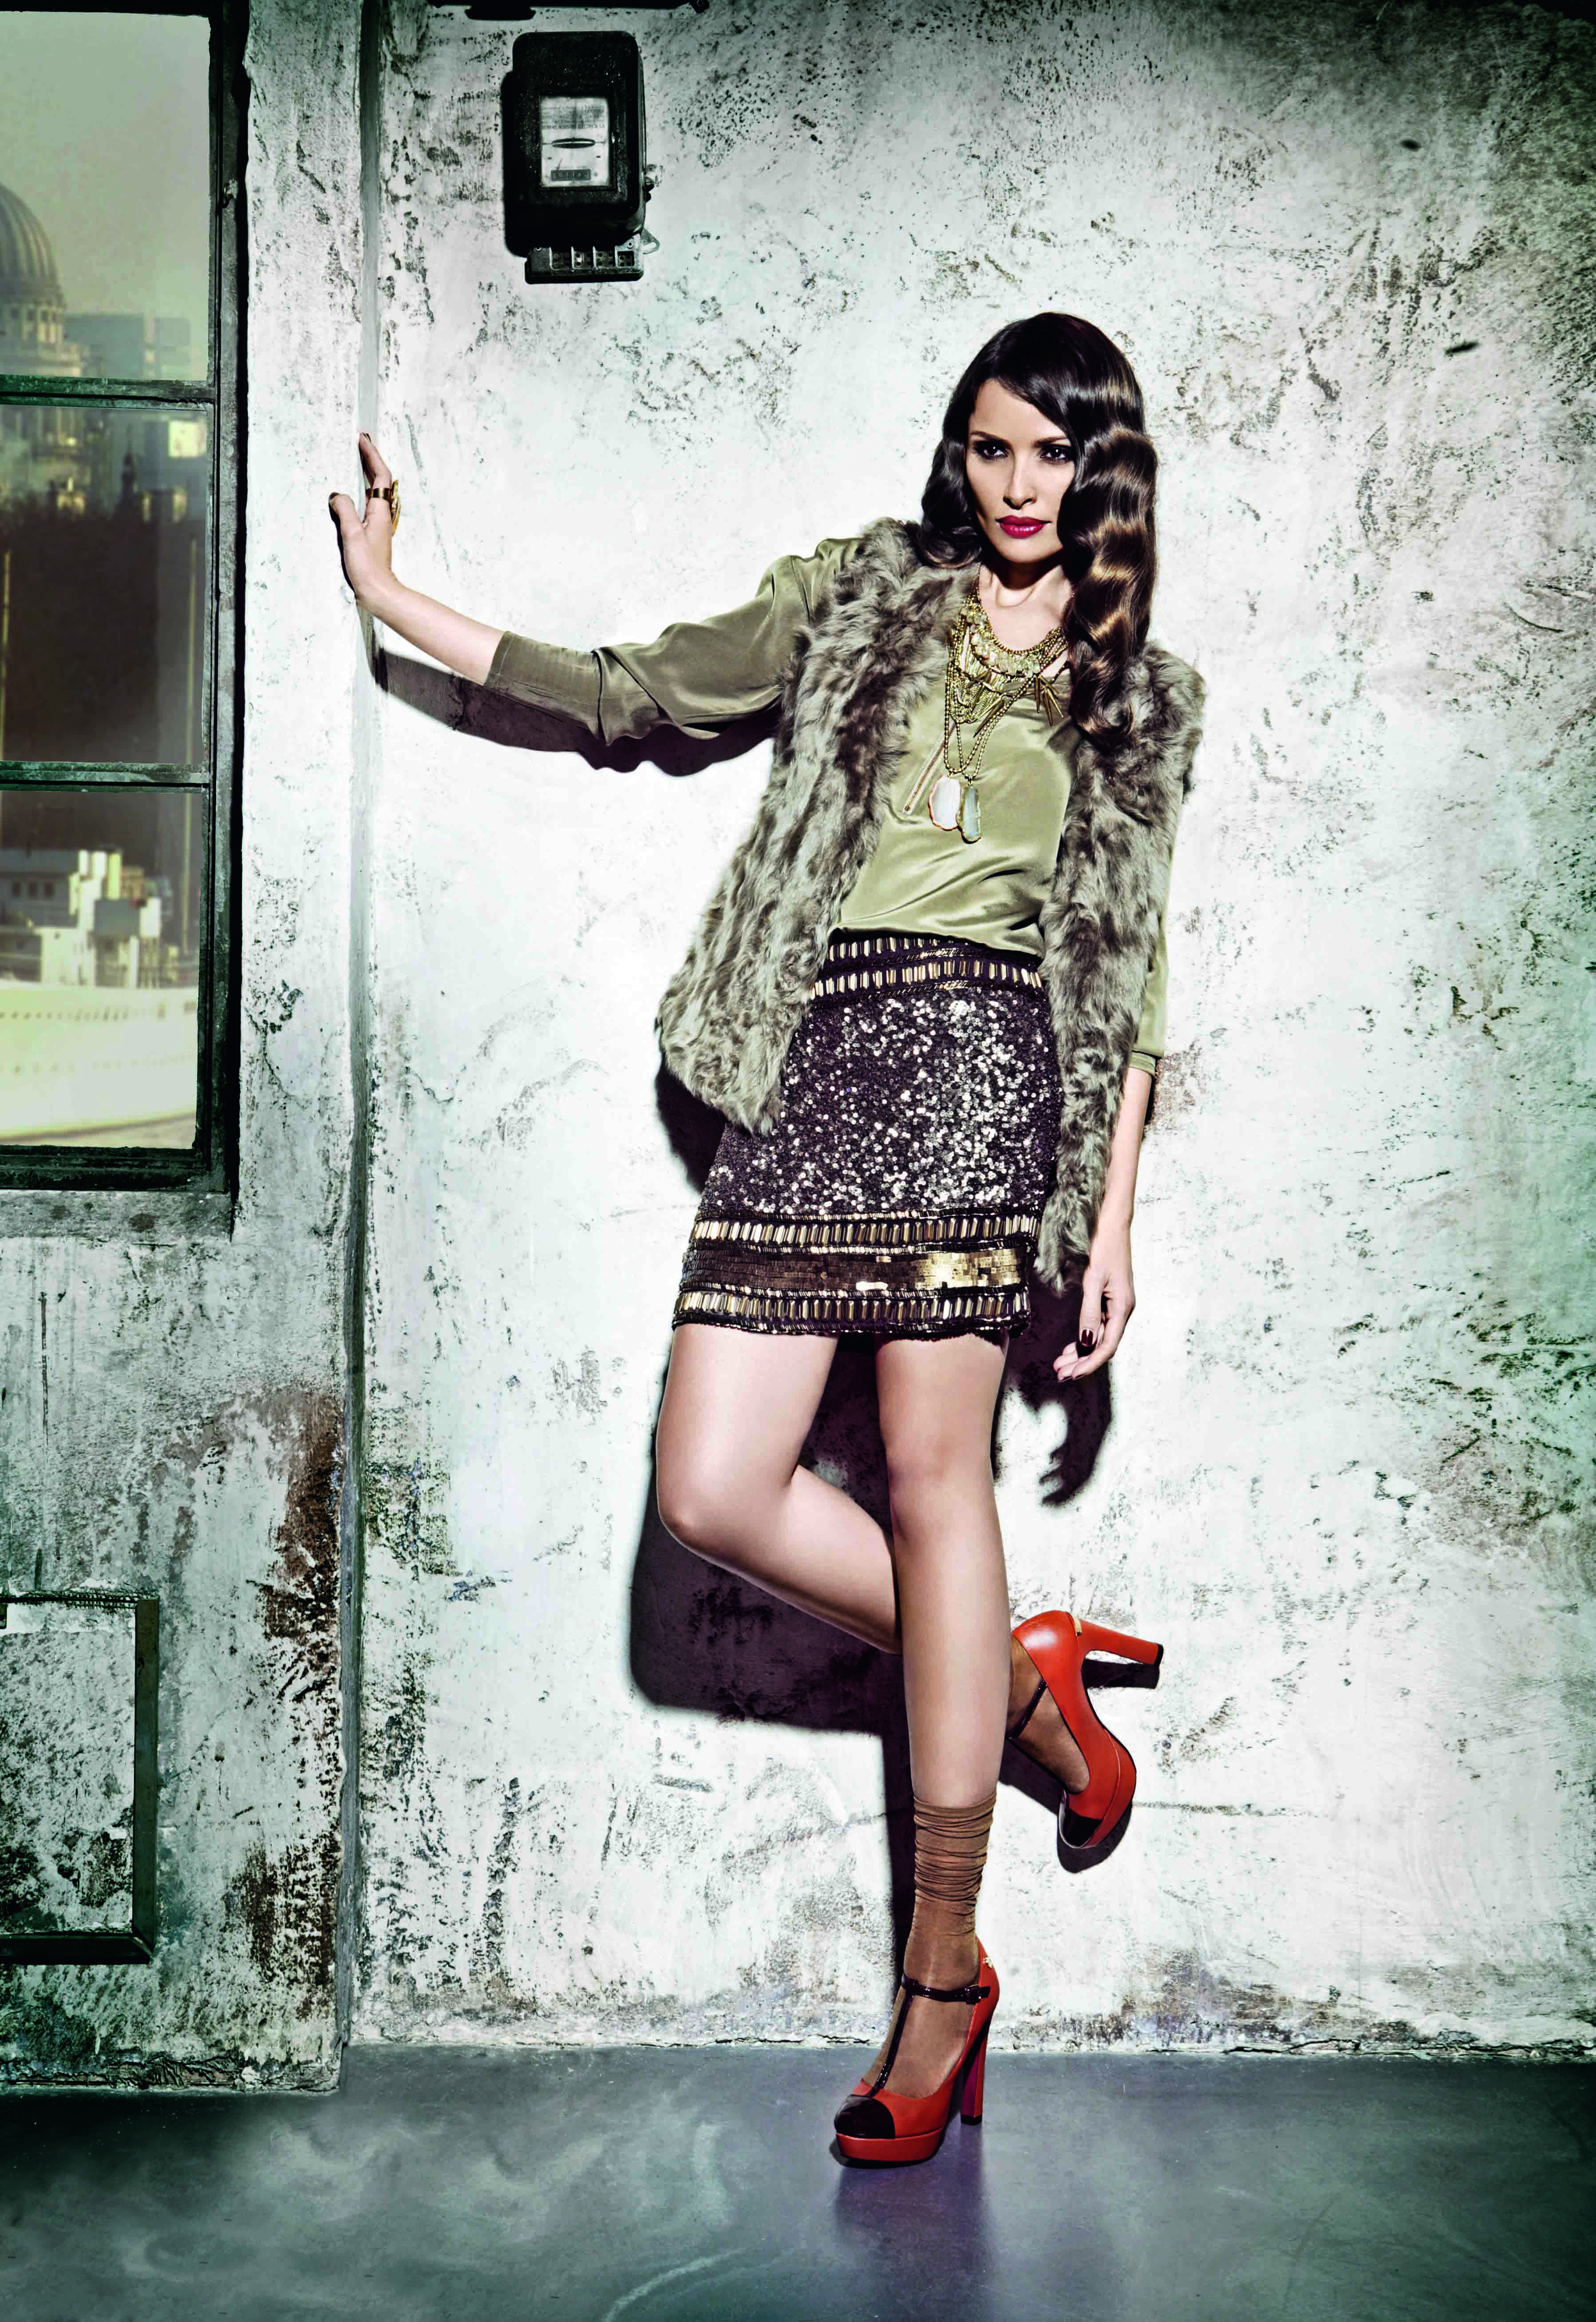 7ed204299e Colección otoño-invierno Cuplé    Cuple autumn-winter collection  zapatos   moda  mujer  shoes  fashion  woman